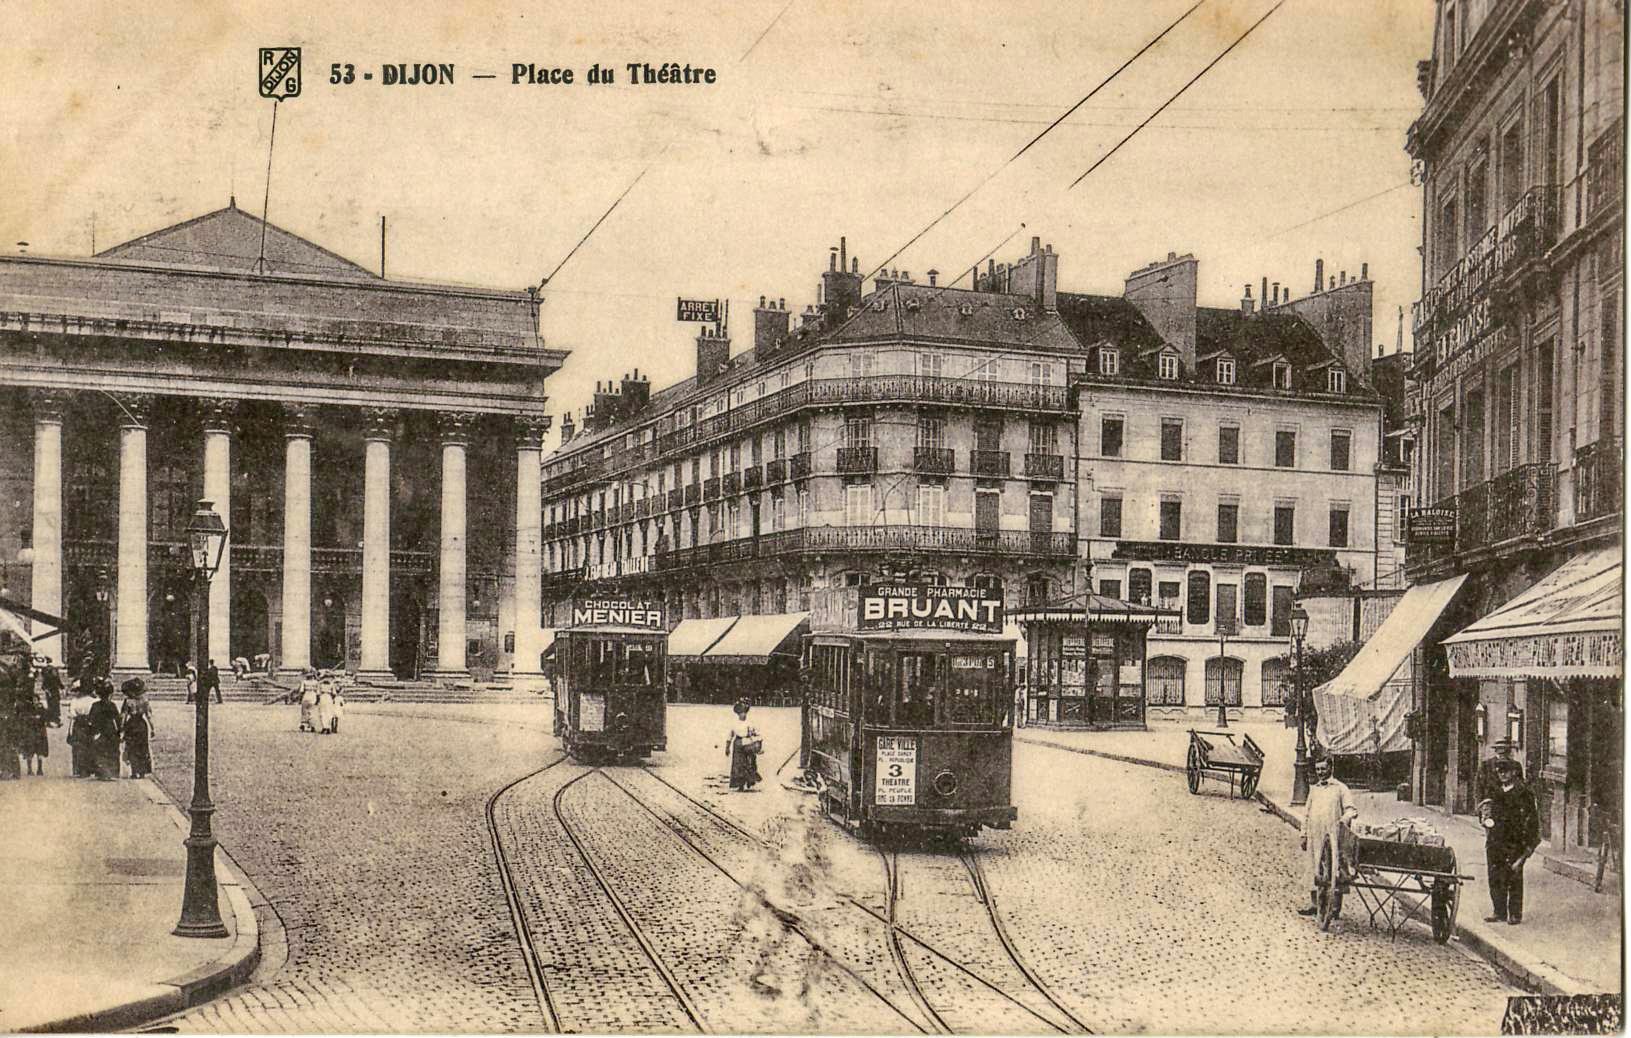 Tranvías de Dijon